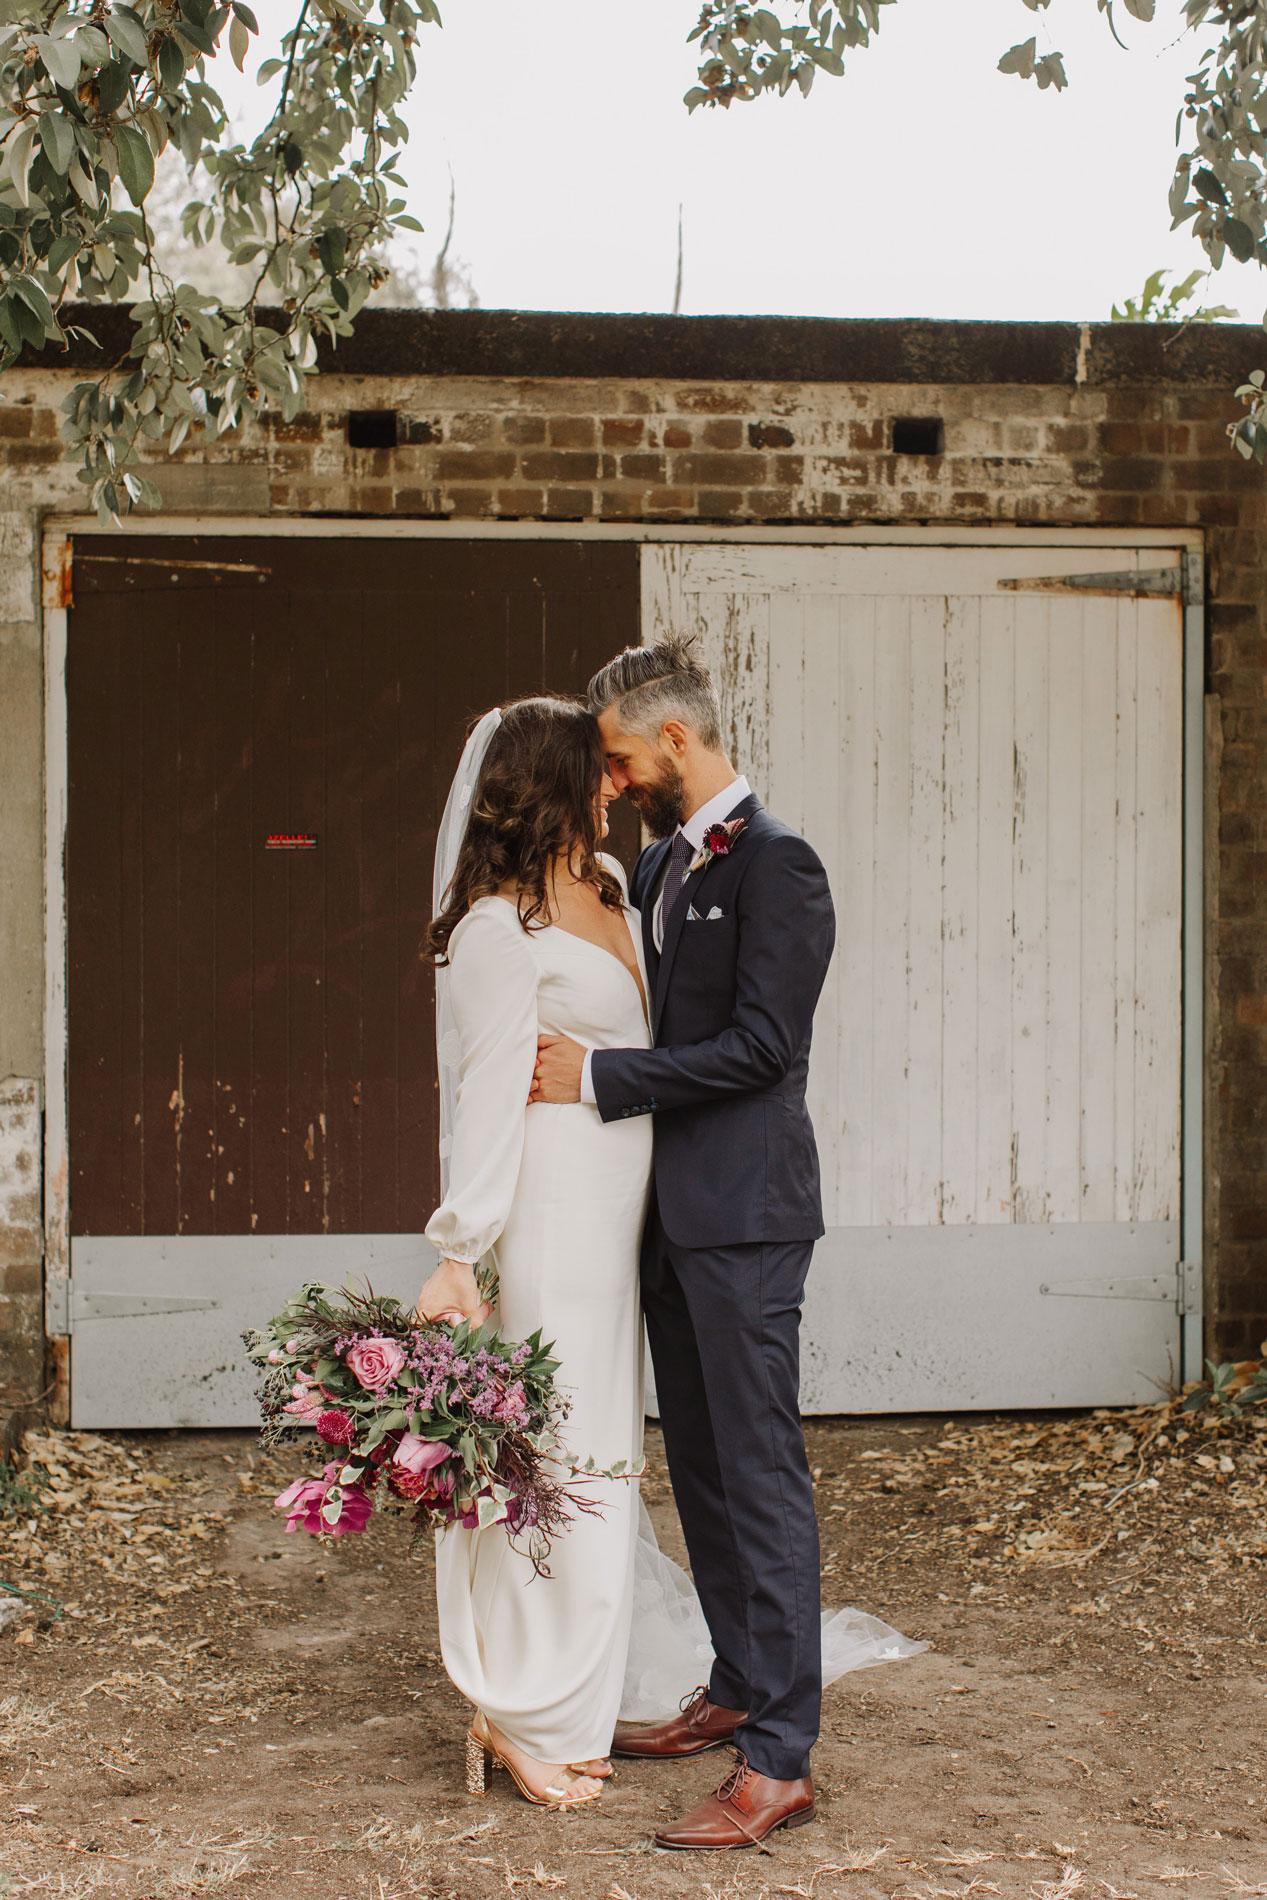 wedding_flowers_ingrid_michael3.jpg